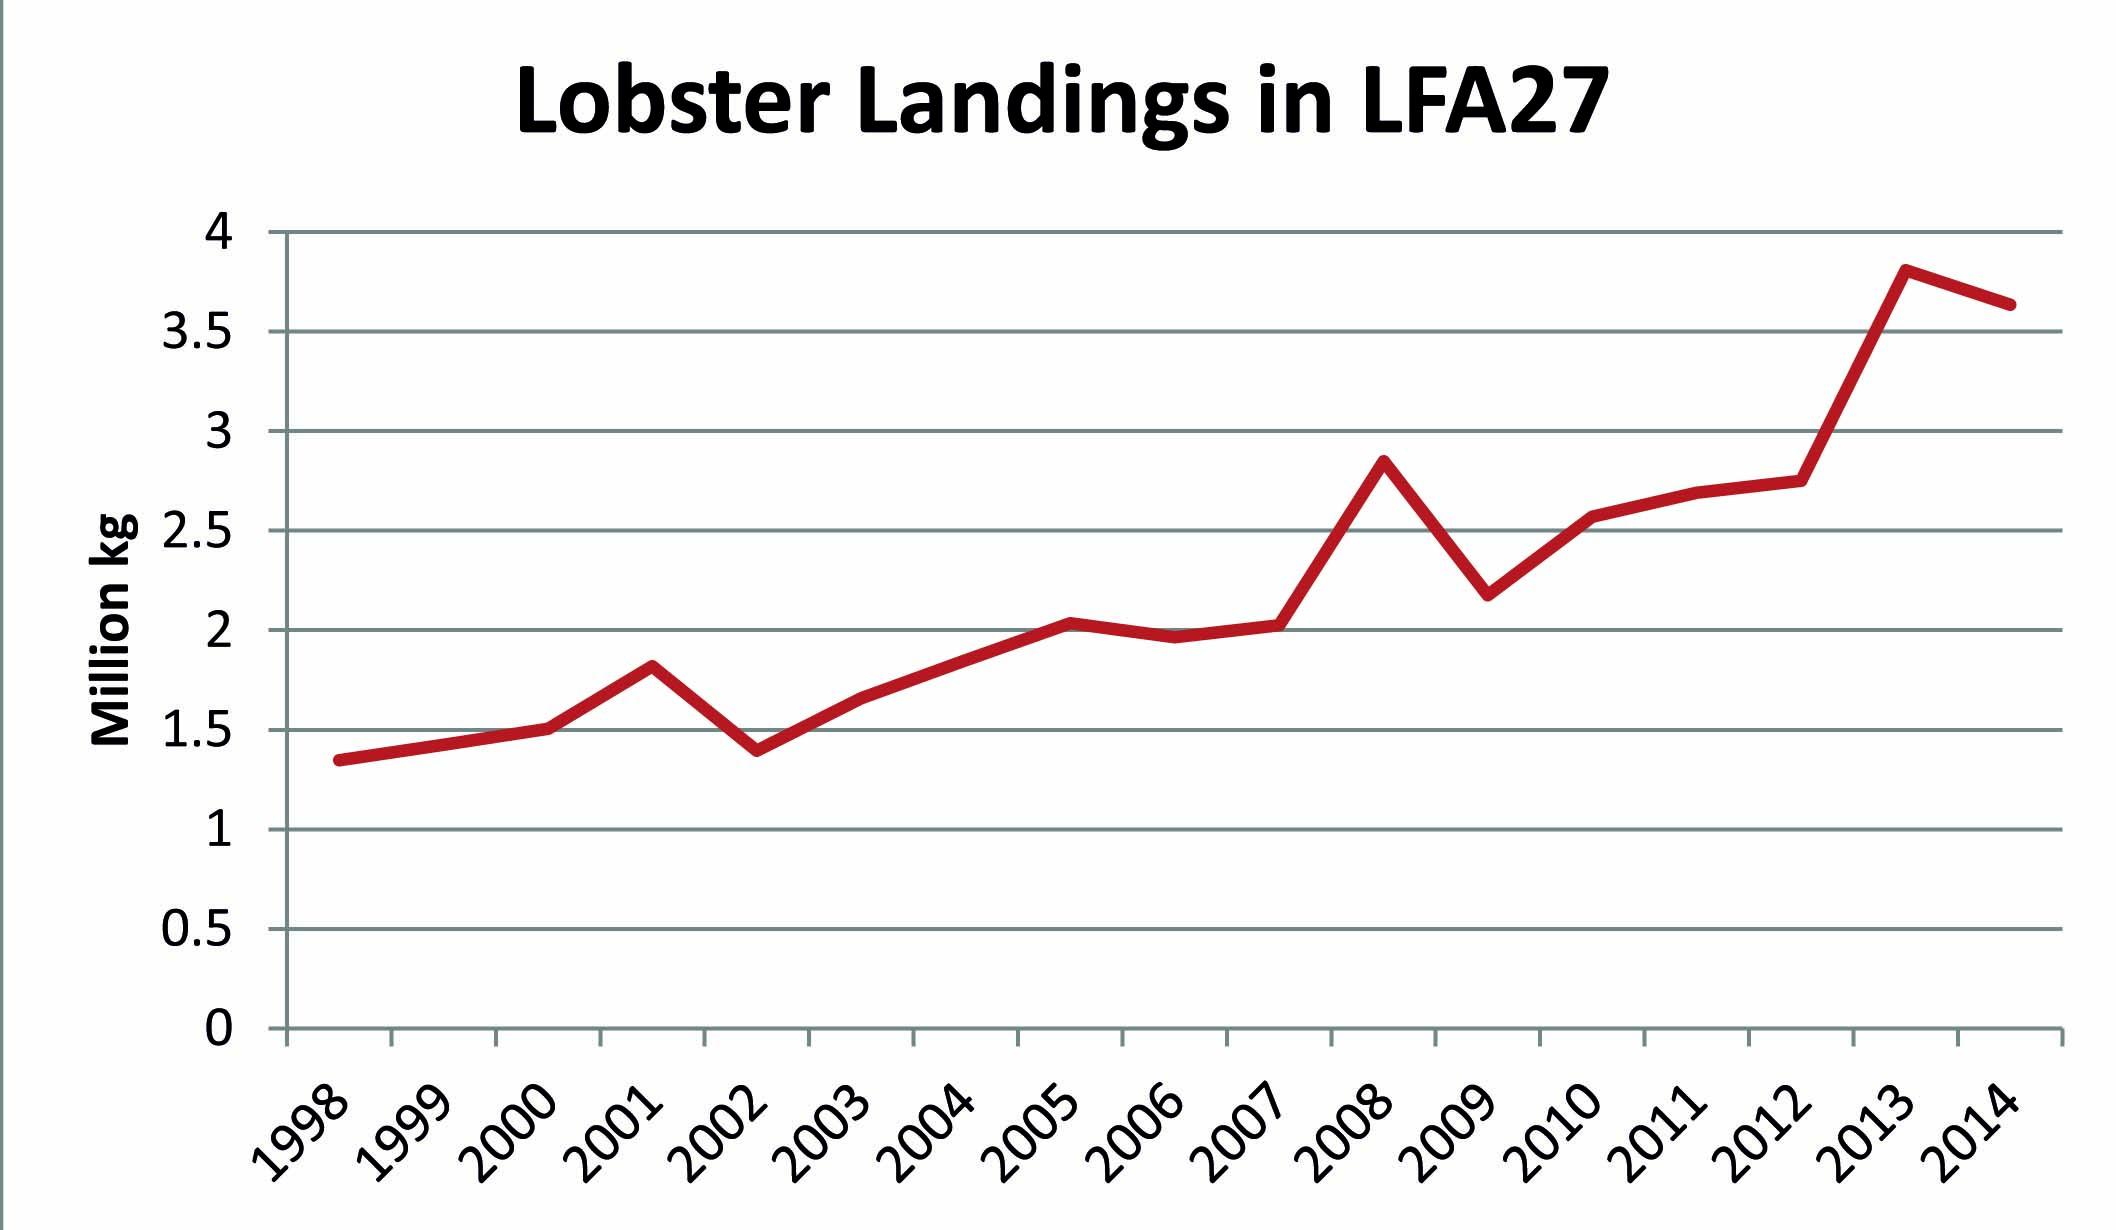 Lobster landings